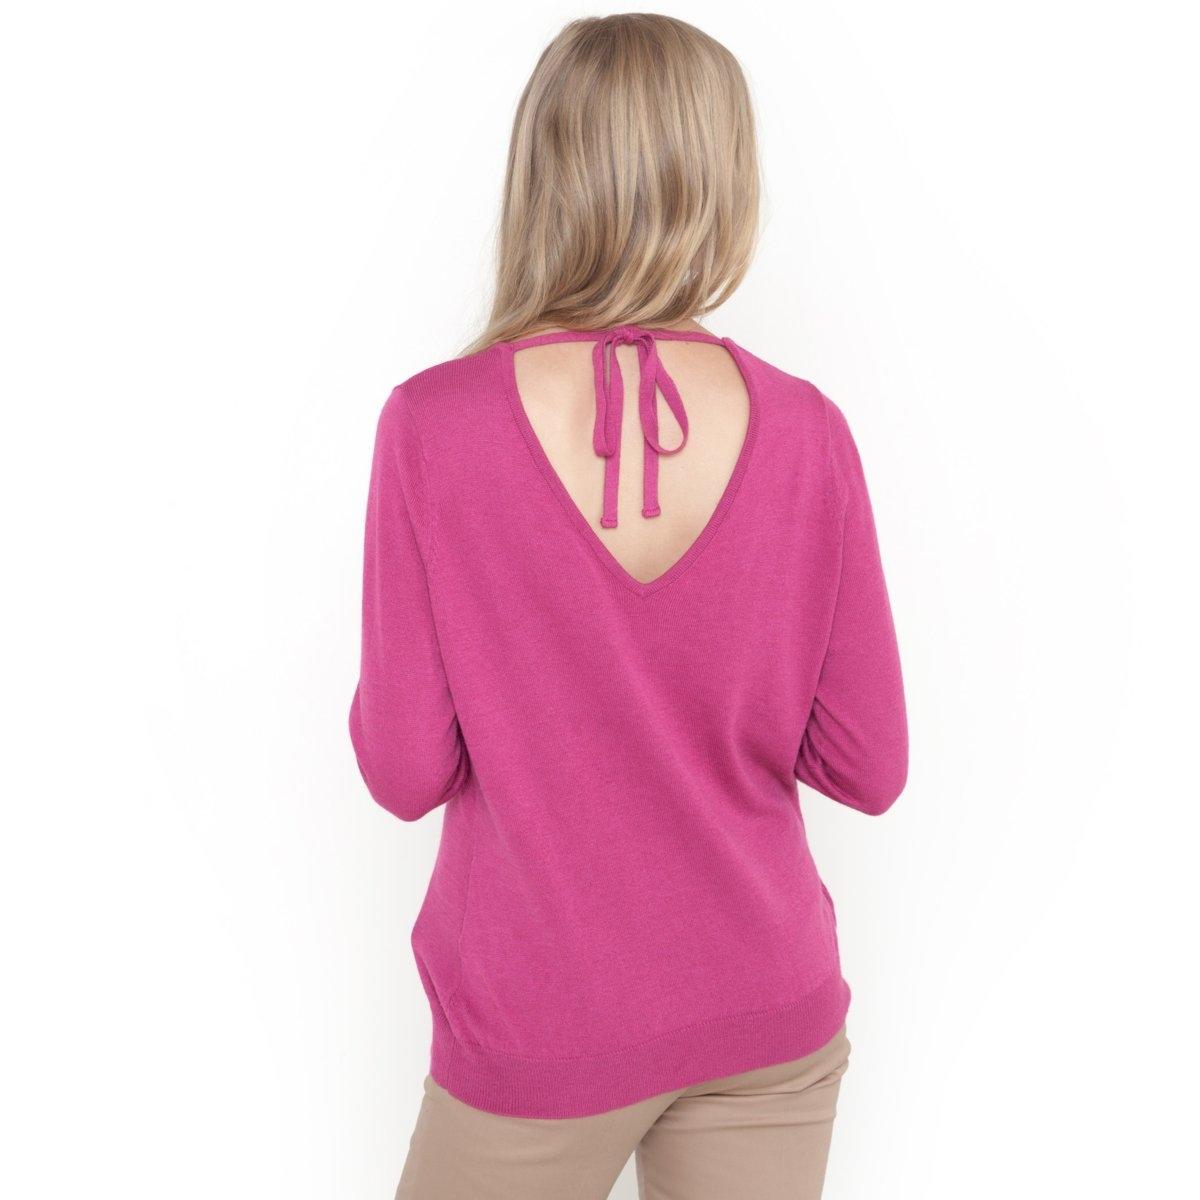 Пуловер с V-образным вырезом спереди и сзади